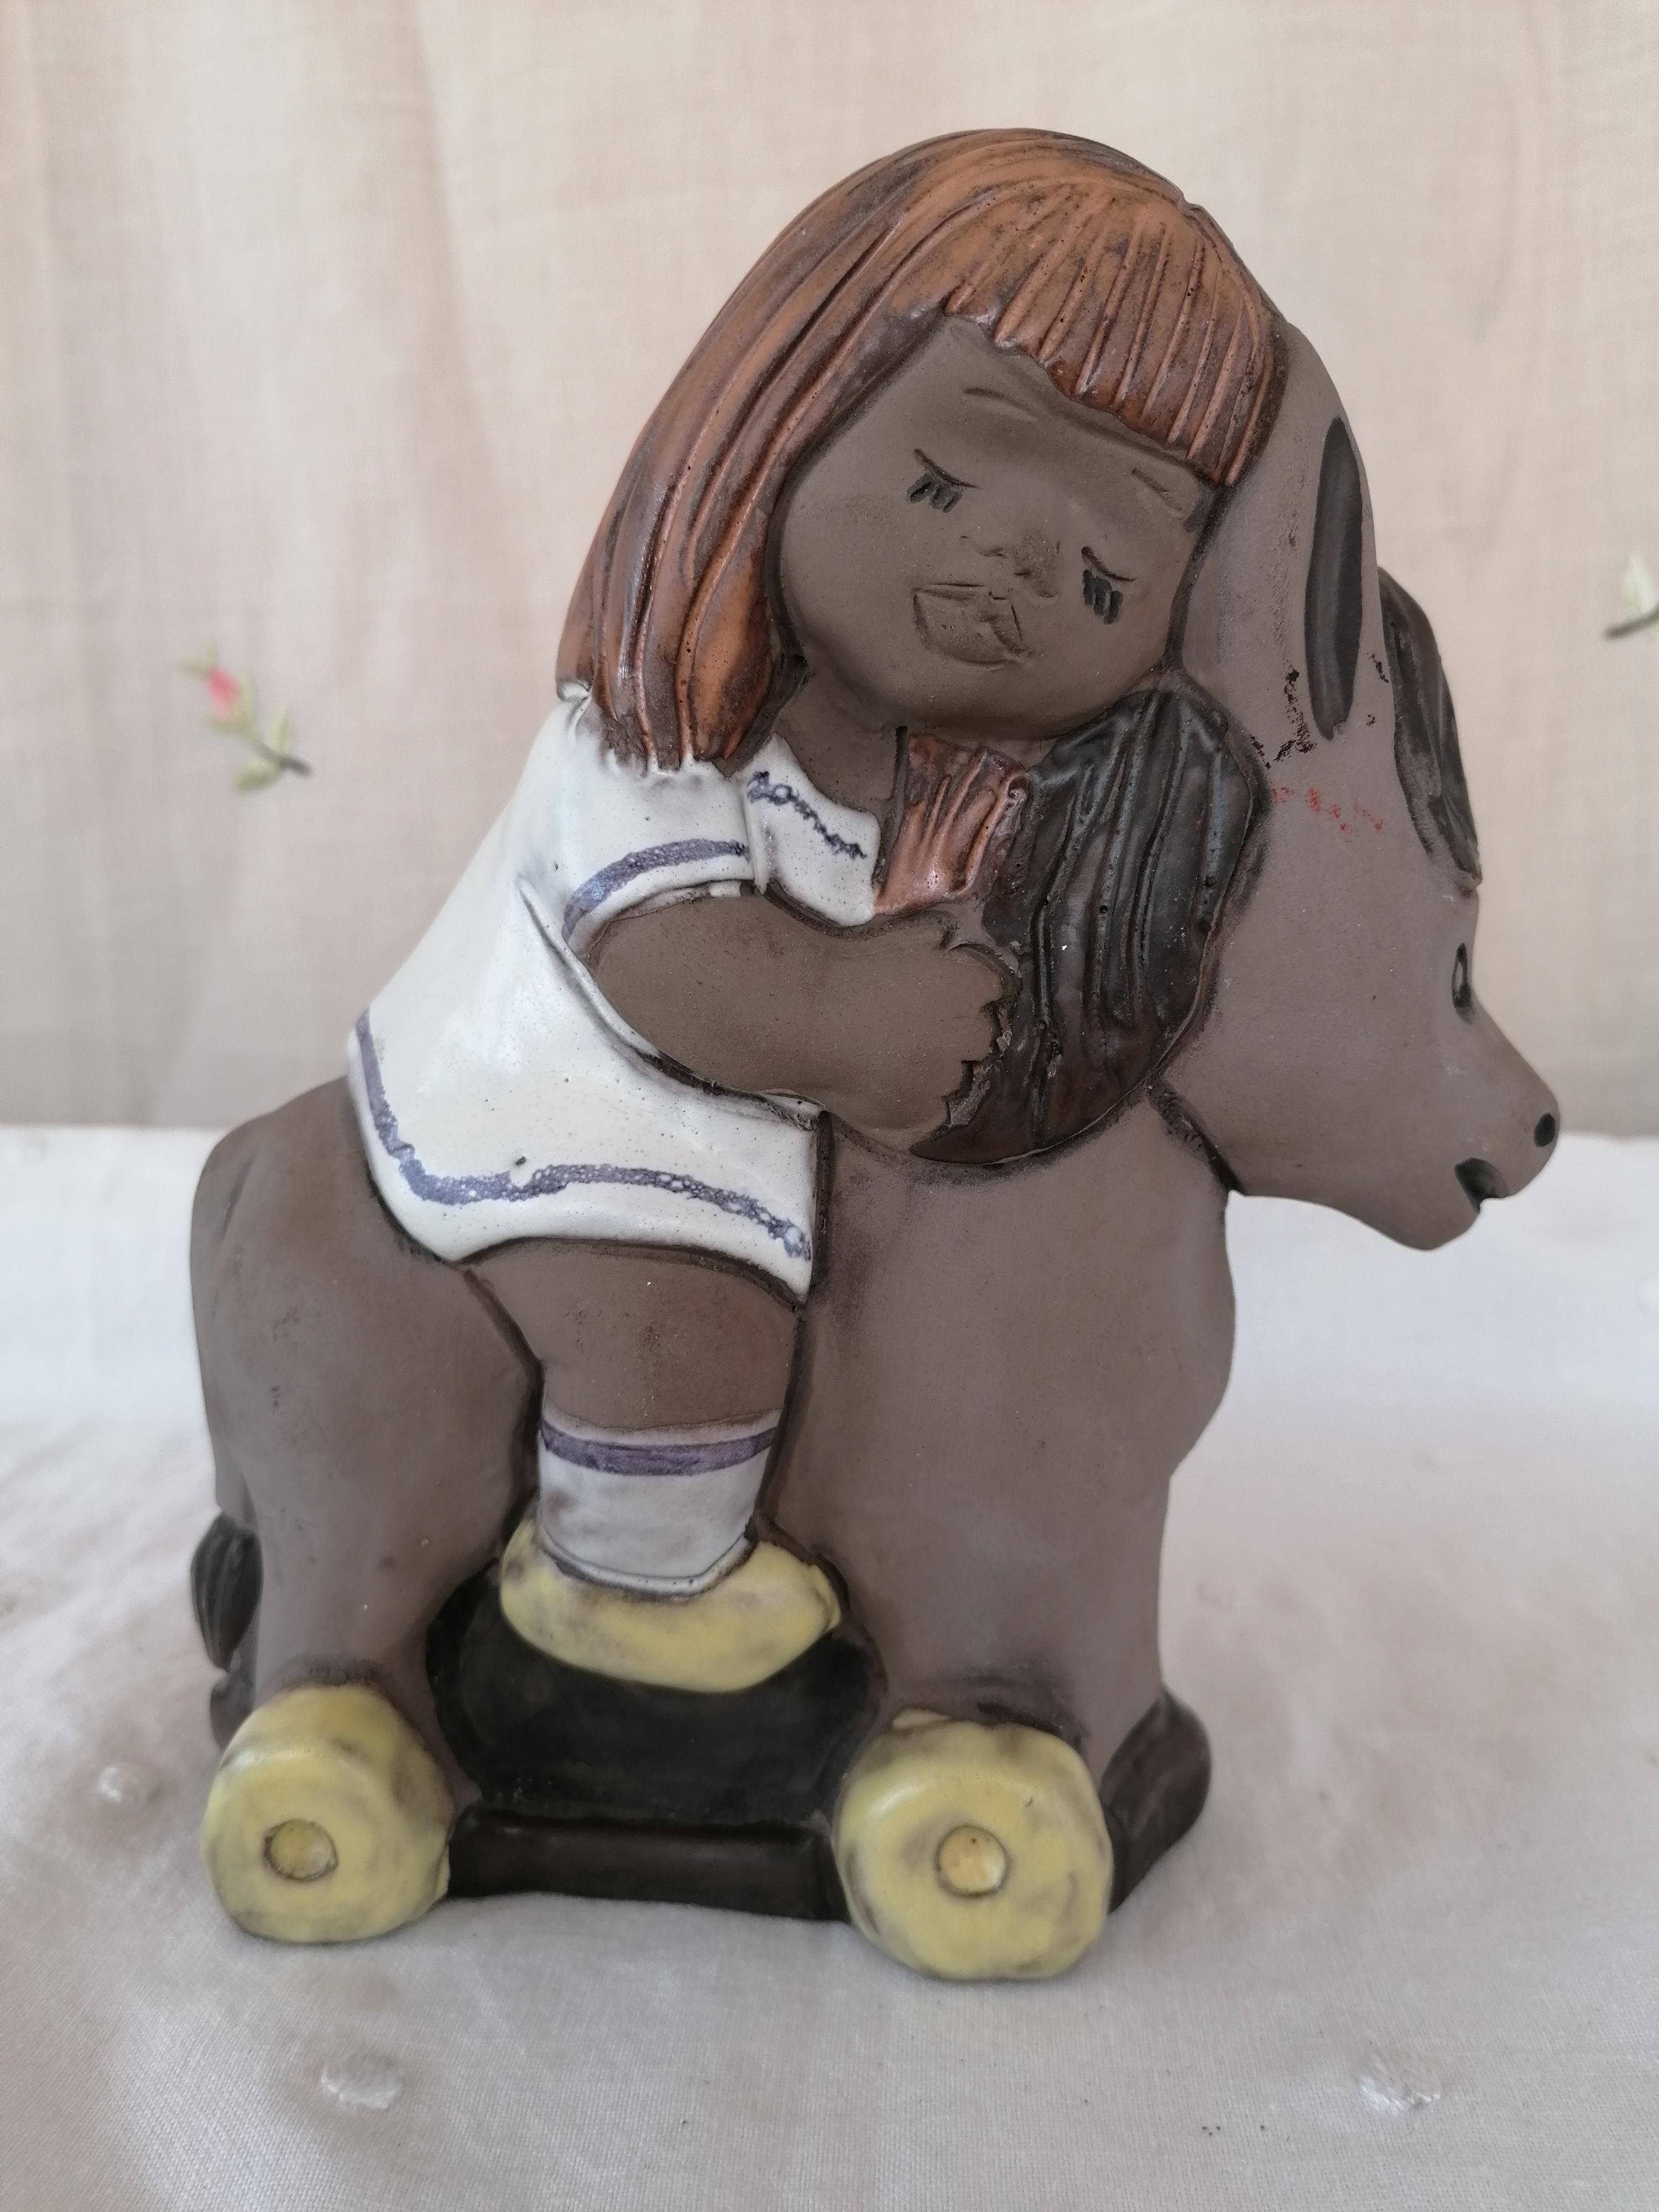 Figurin keramik Elbogen Keramik